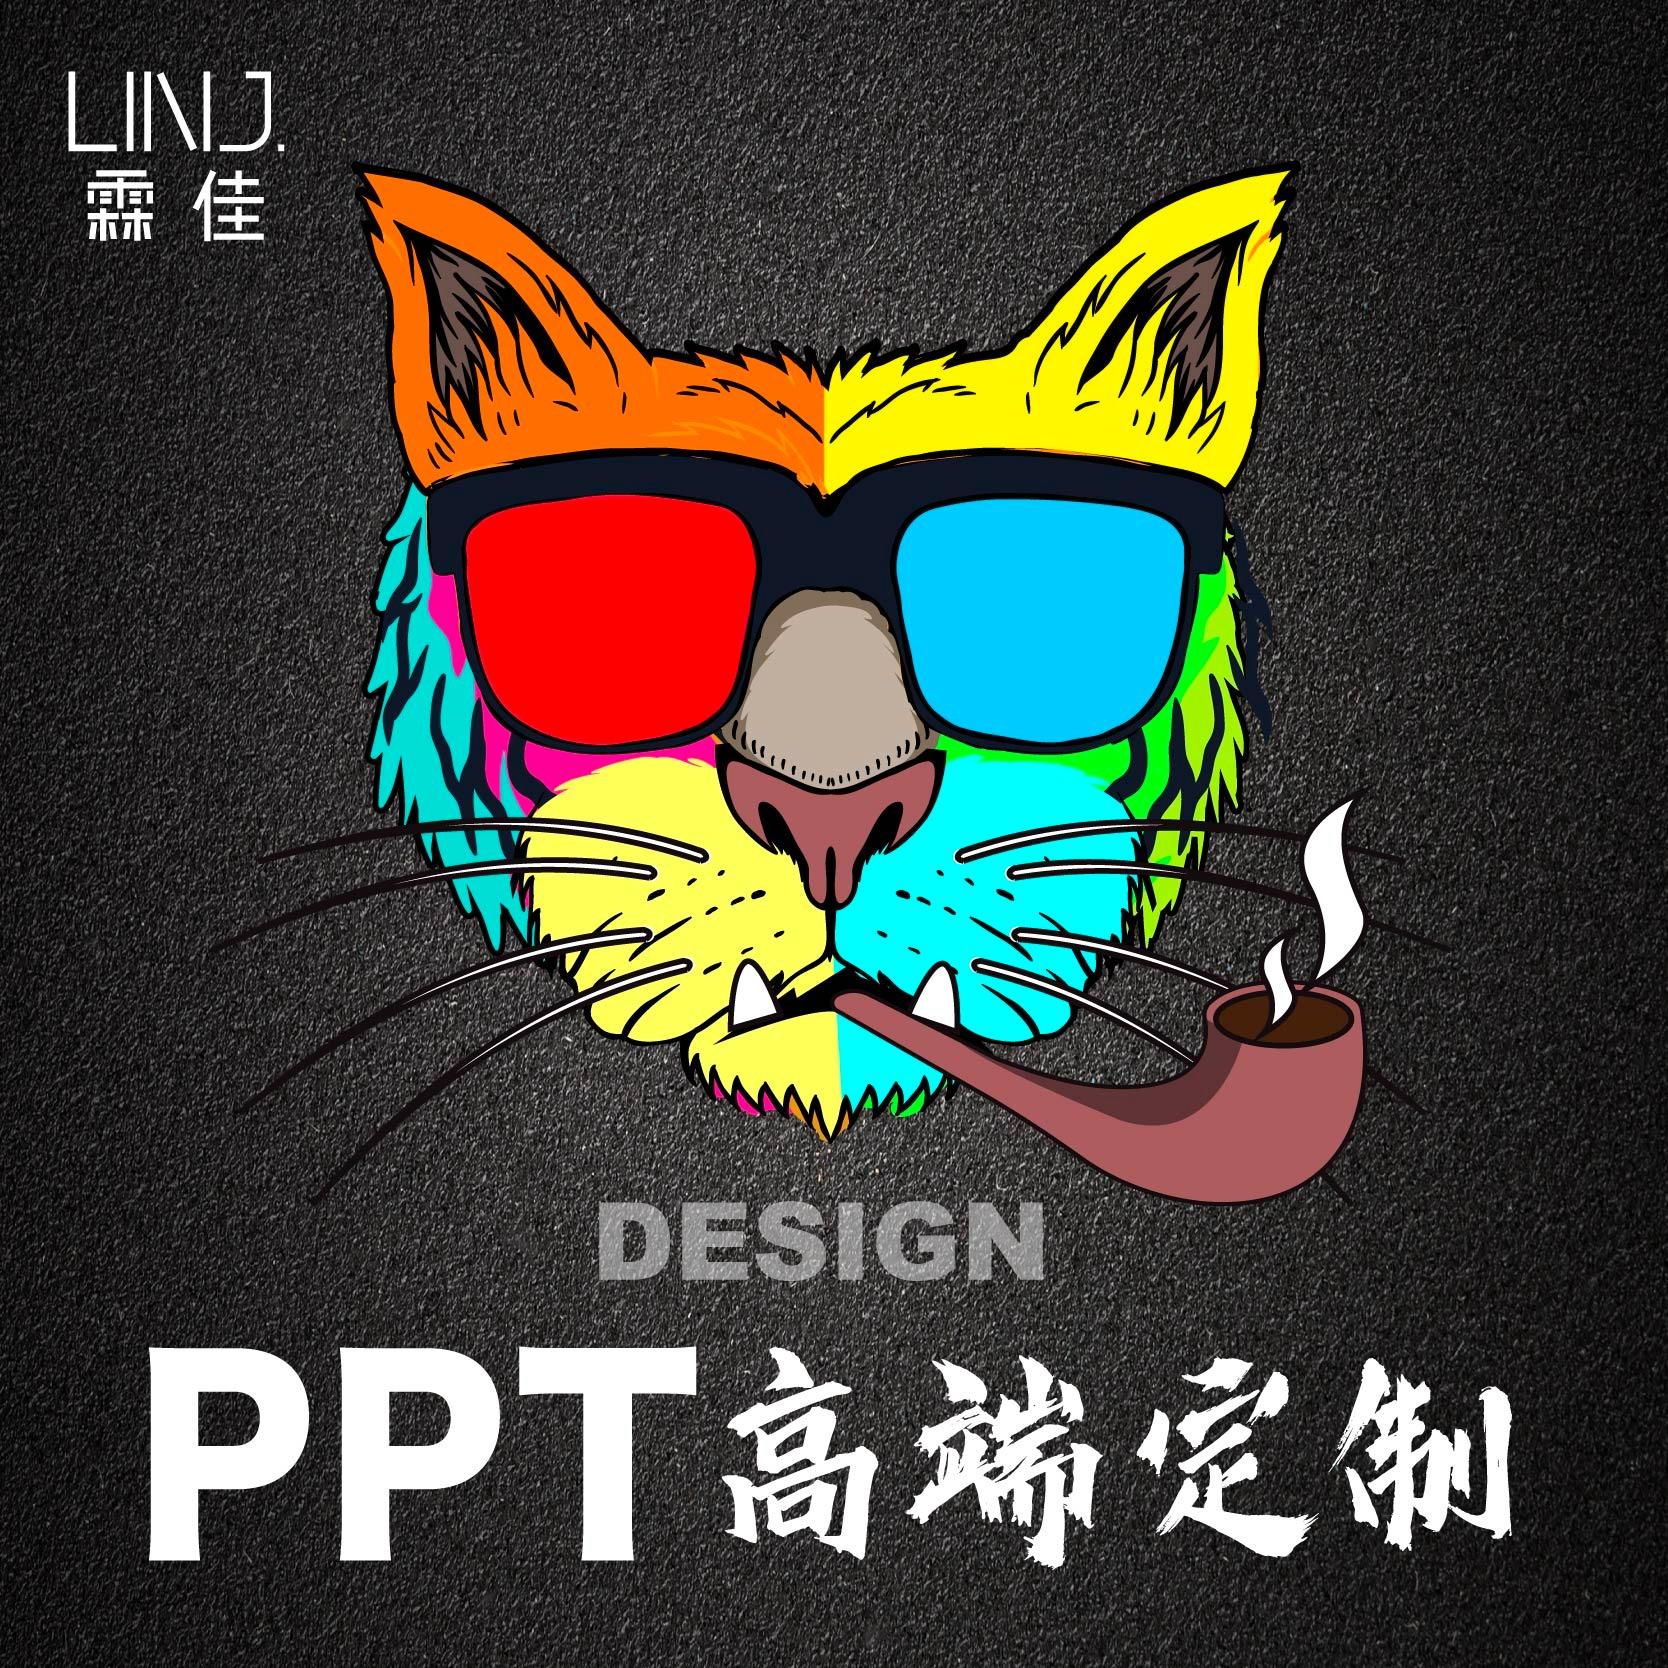 【PPT定制】发布会/企业培训/政府报告/商业计划书策划设计